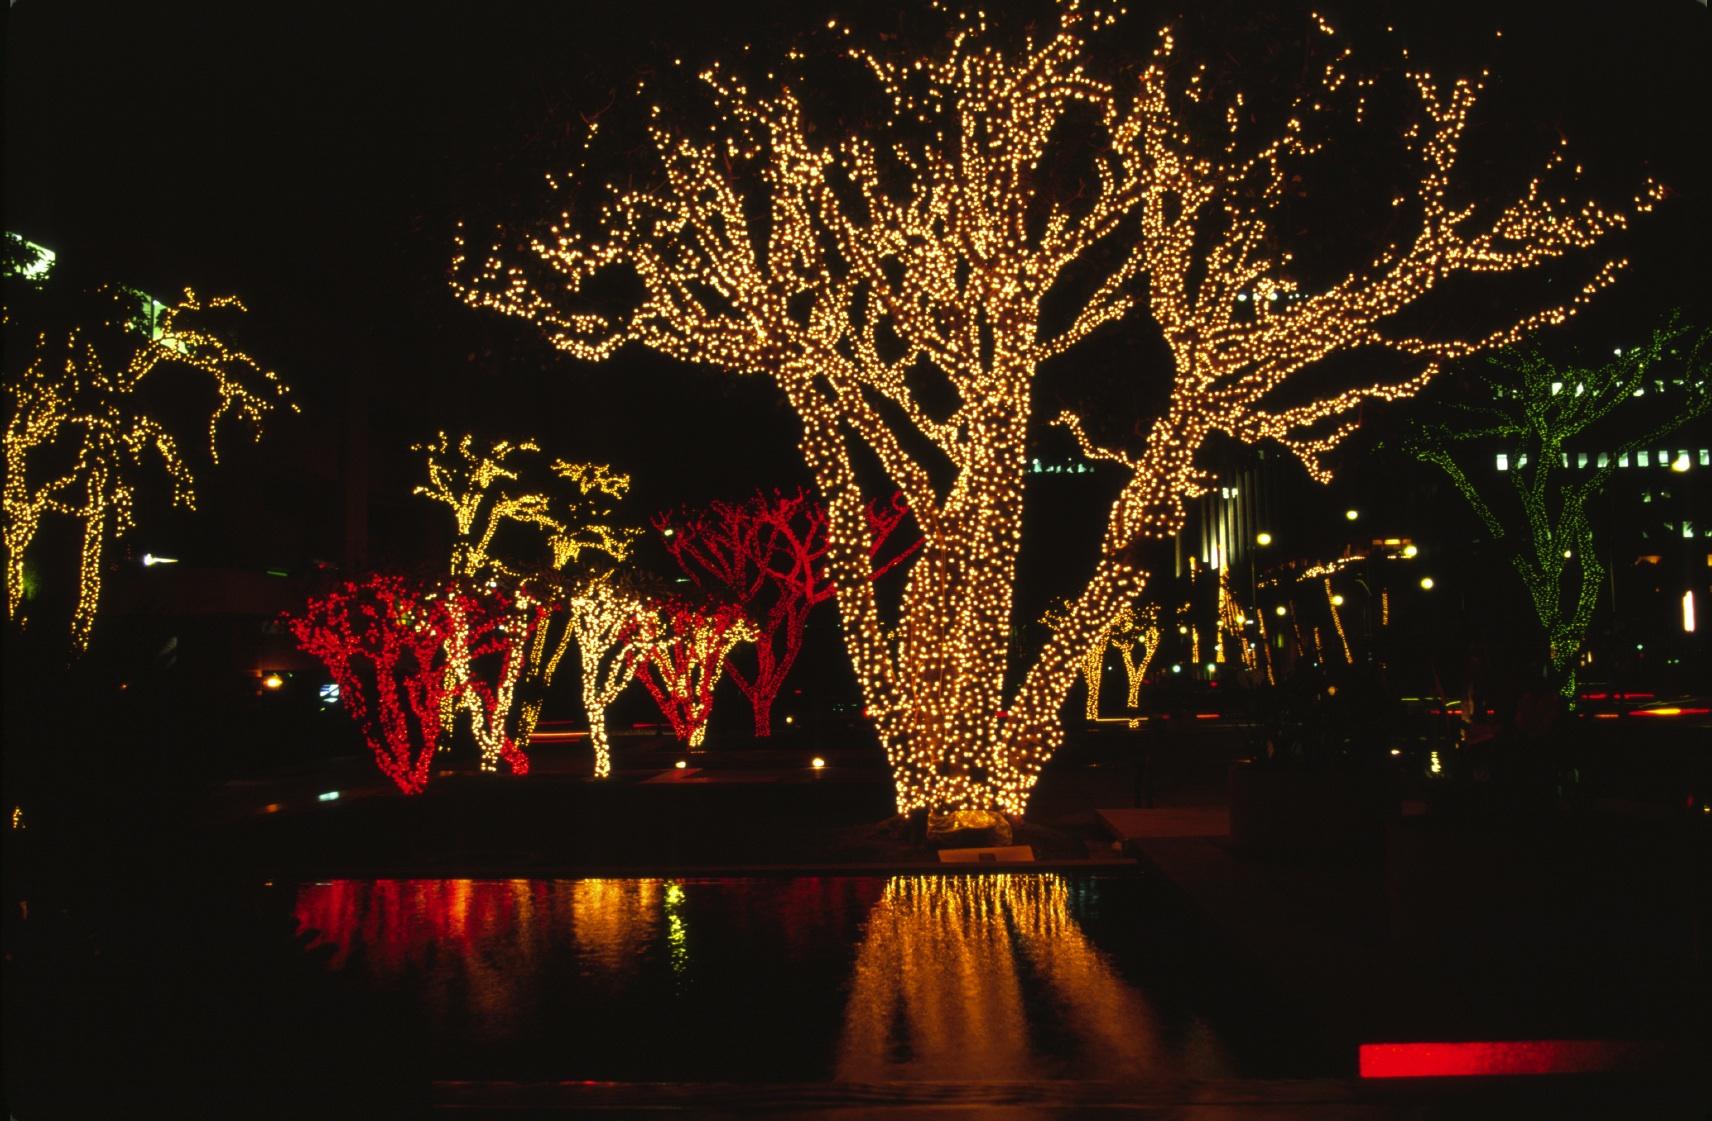 На новогоднее оформление мы не можем много тратить – аким СКО